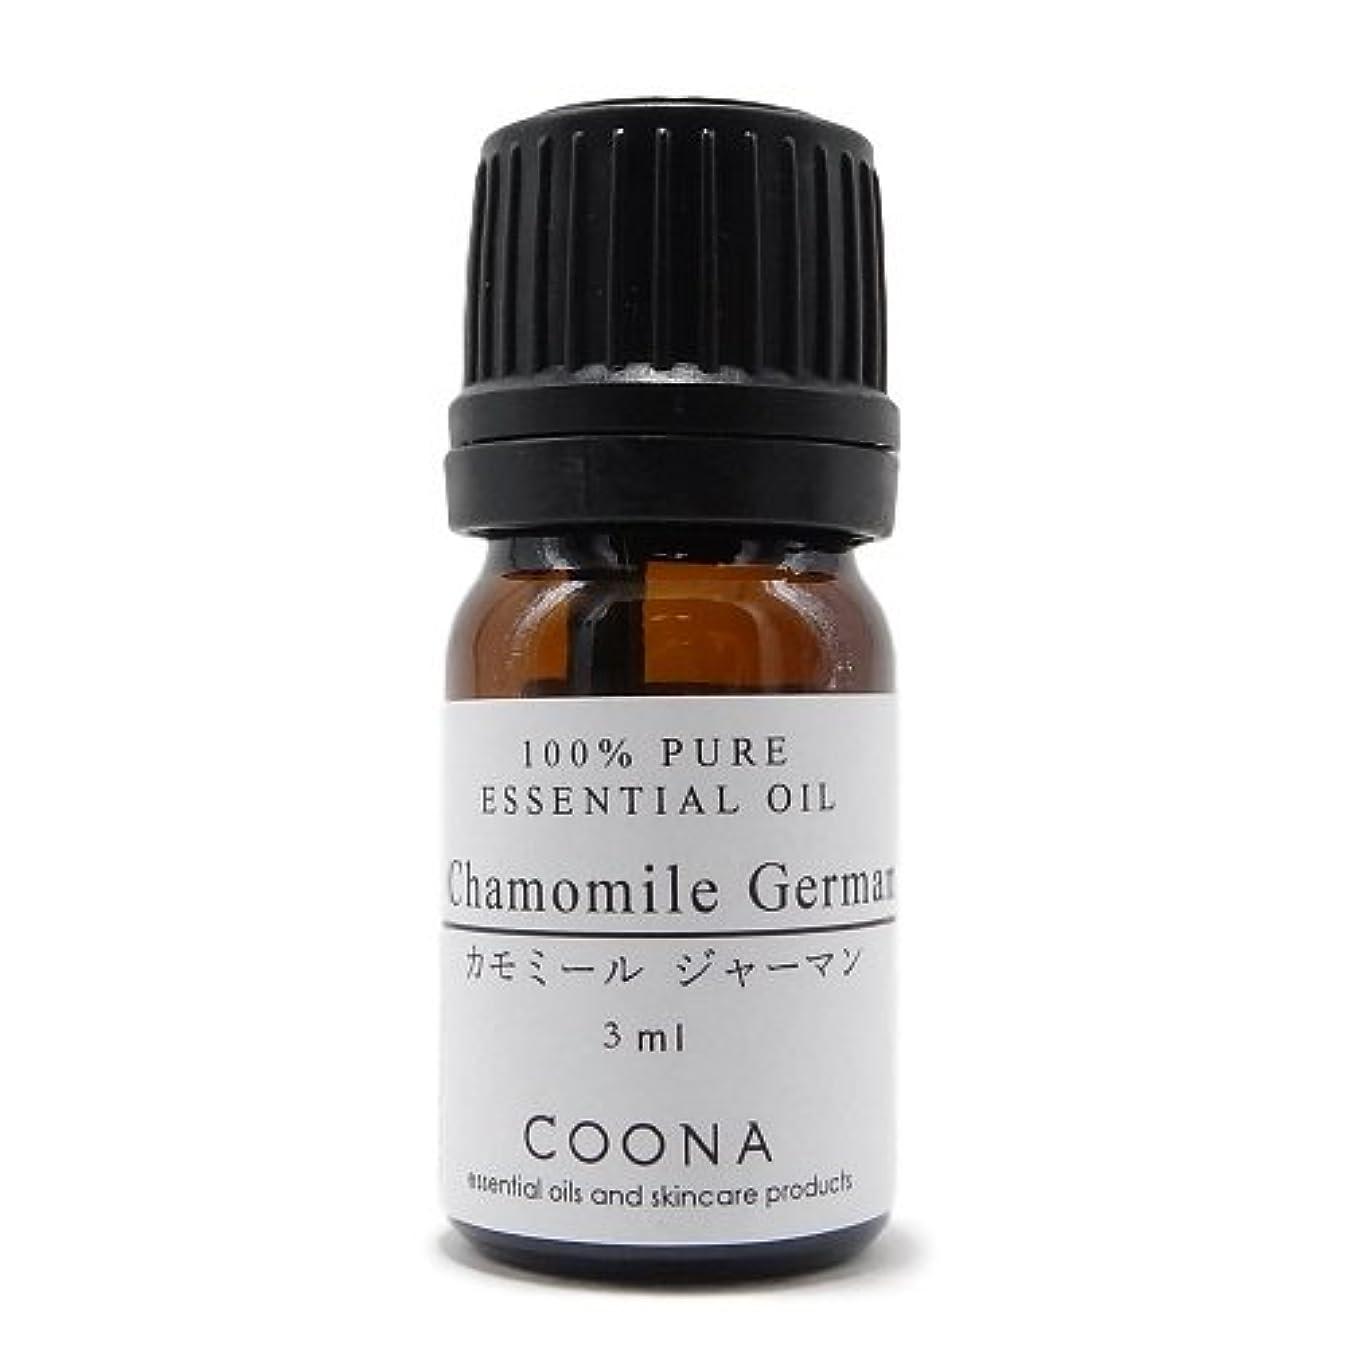 エスカレーターいま麦芽カモミール ジャーマン 3 ml (COONA エッセンシャルオイル アロマオイル 100% 天然植物精油)